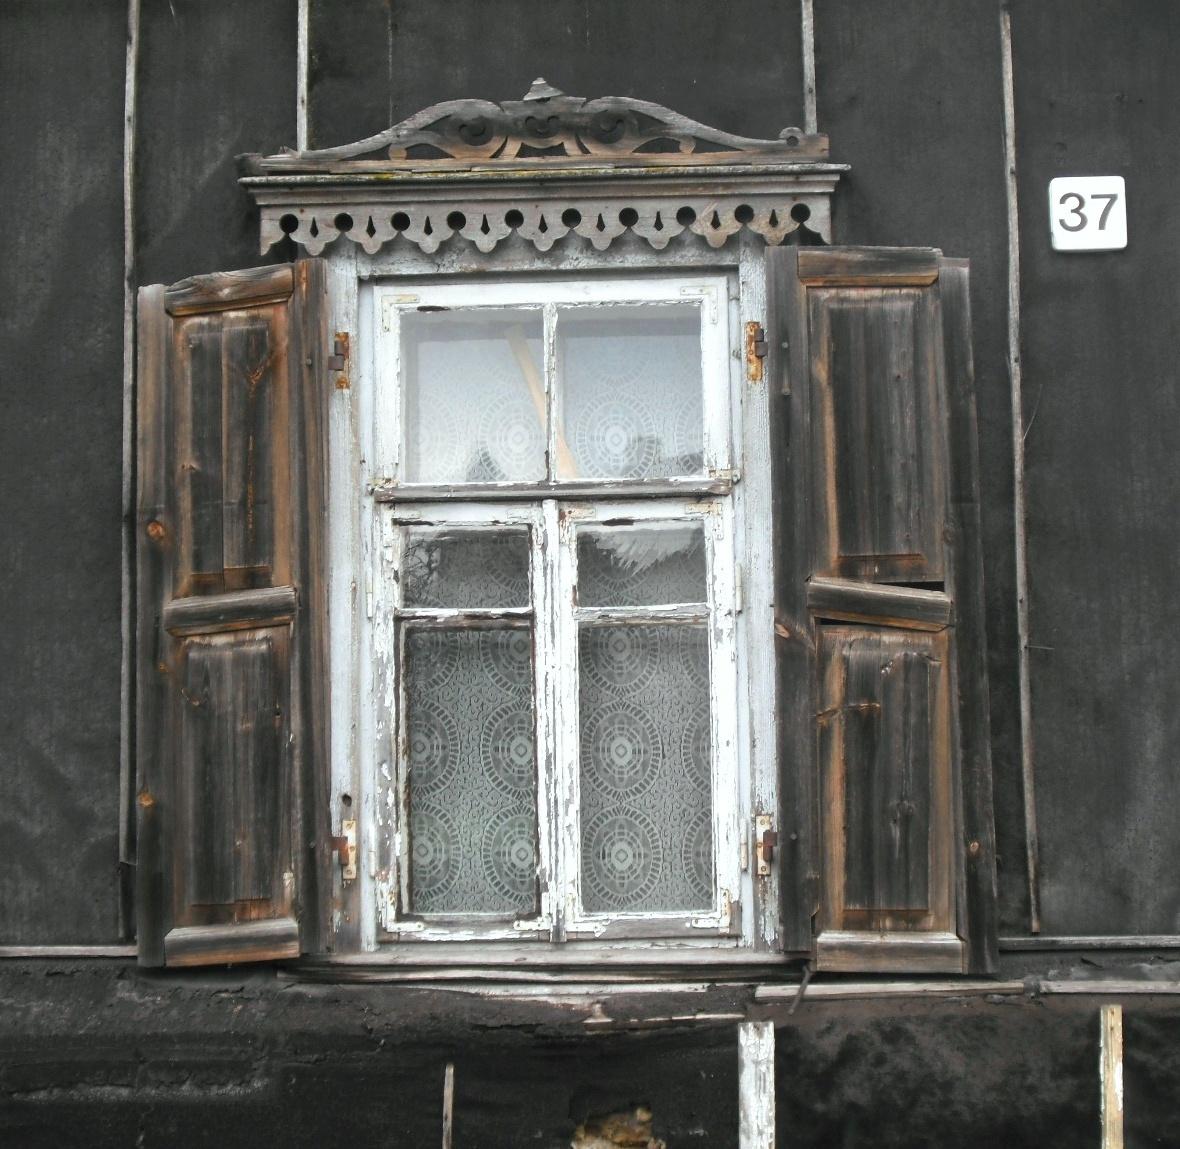 Žvėryno langų puošyba. Lenktoji g. 37. | A. Stabrausko nuotr.